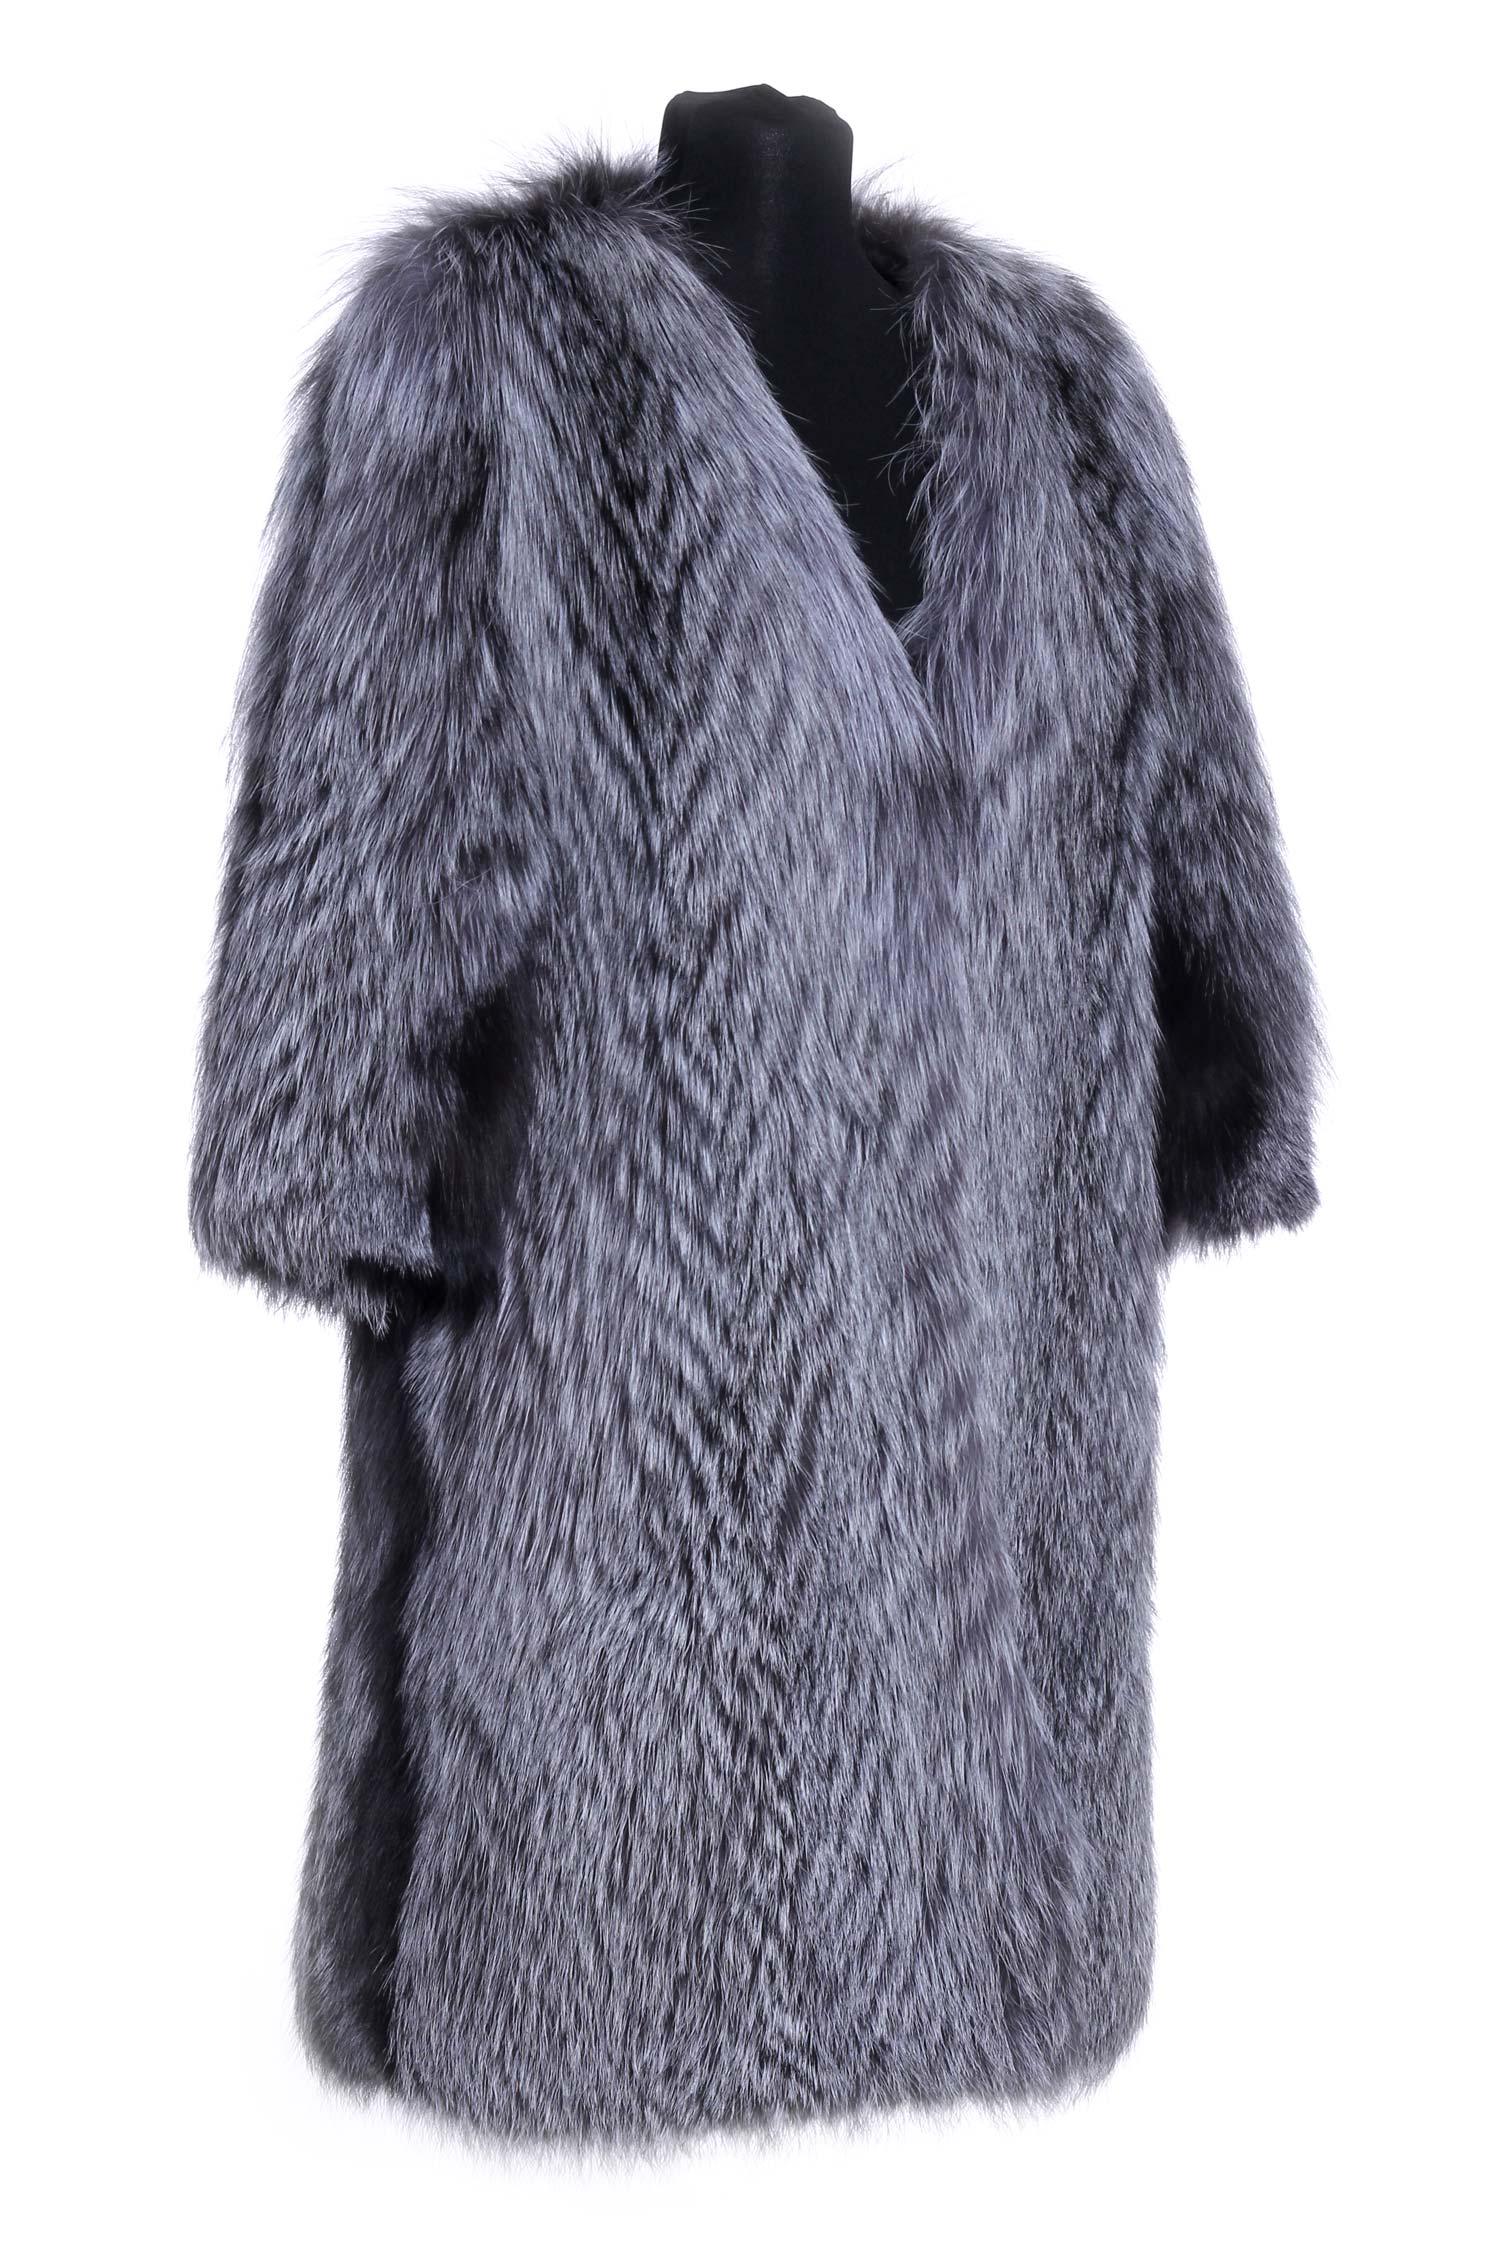 Куртка из лисы с воротником, без отделки от Московская Меховая Компания